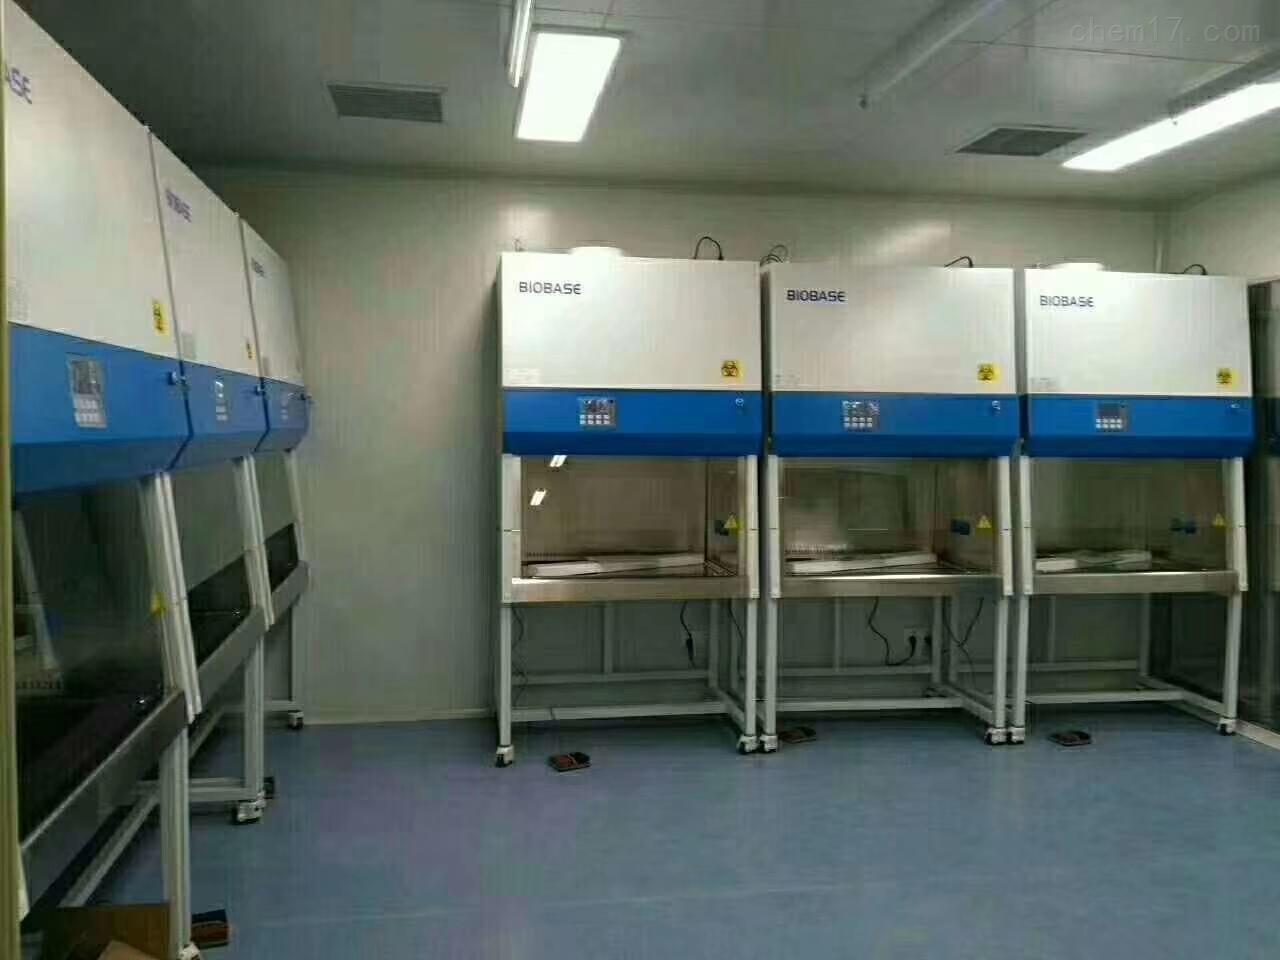 博科半排A2的生物安全柜平台